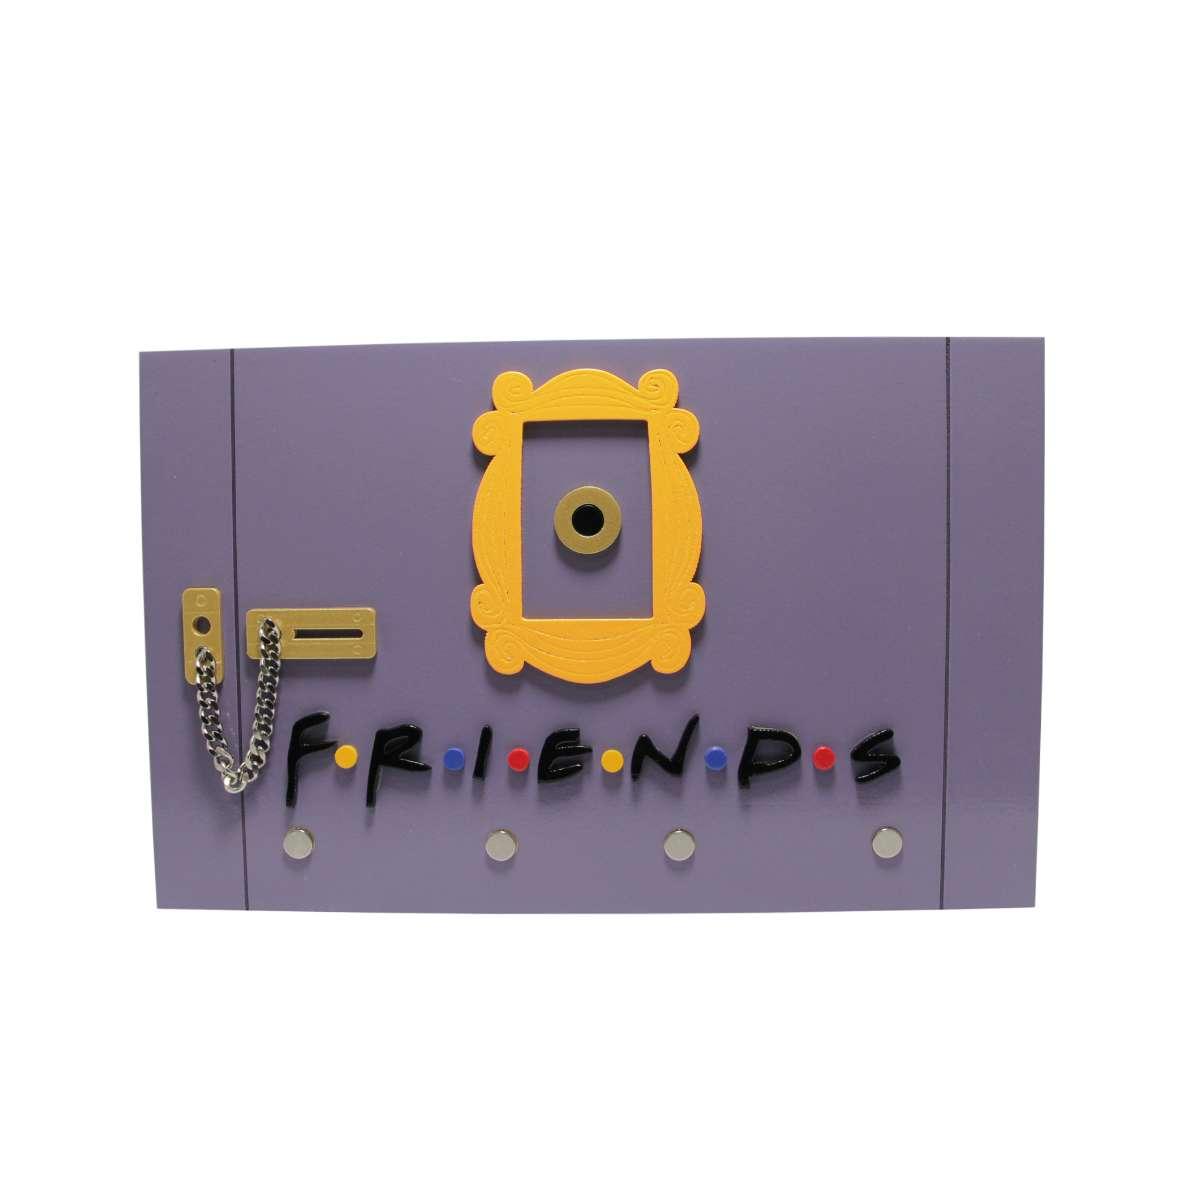 Porta Chaves de Madeira Porta Friends